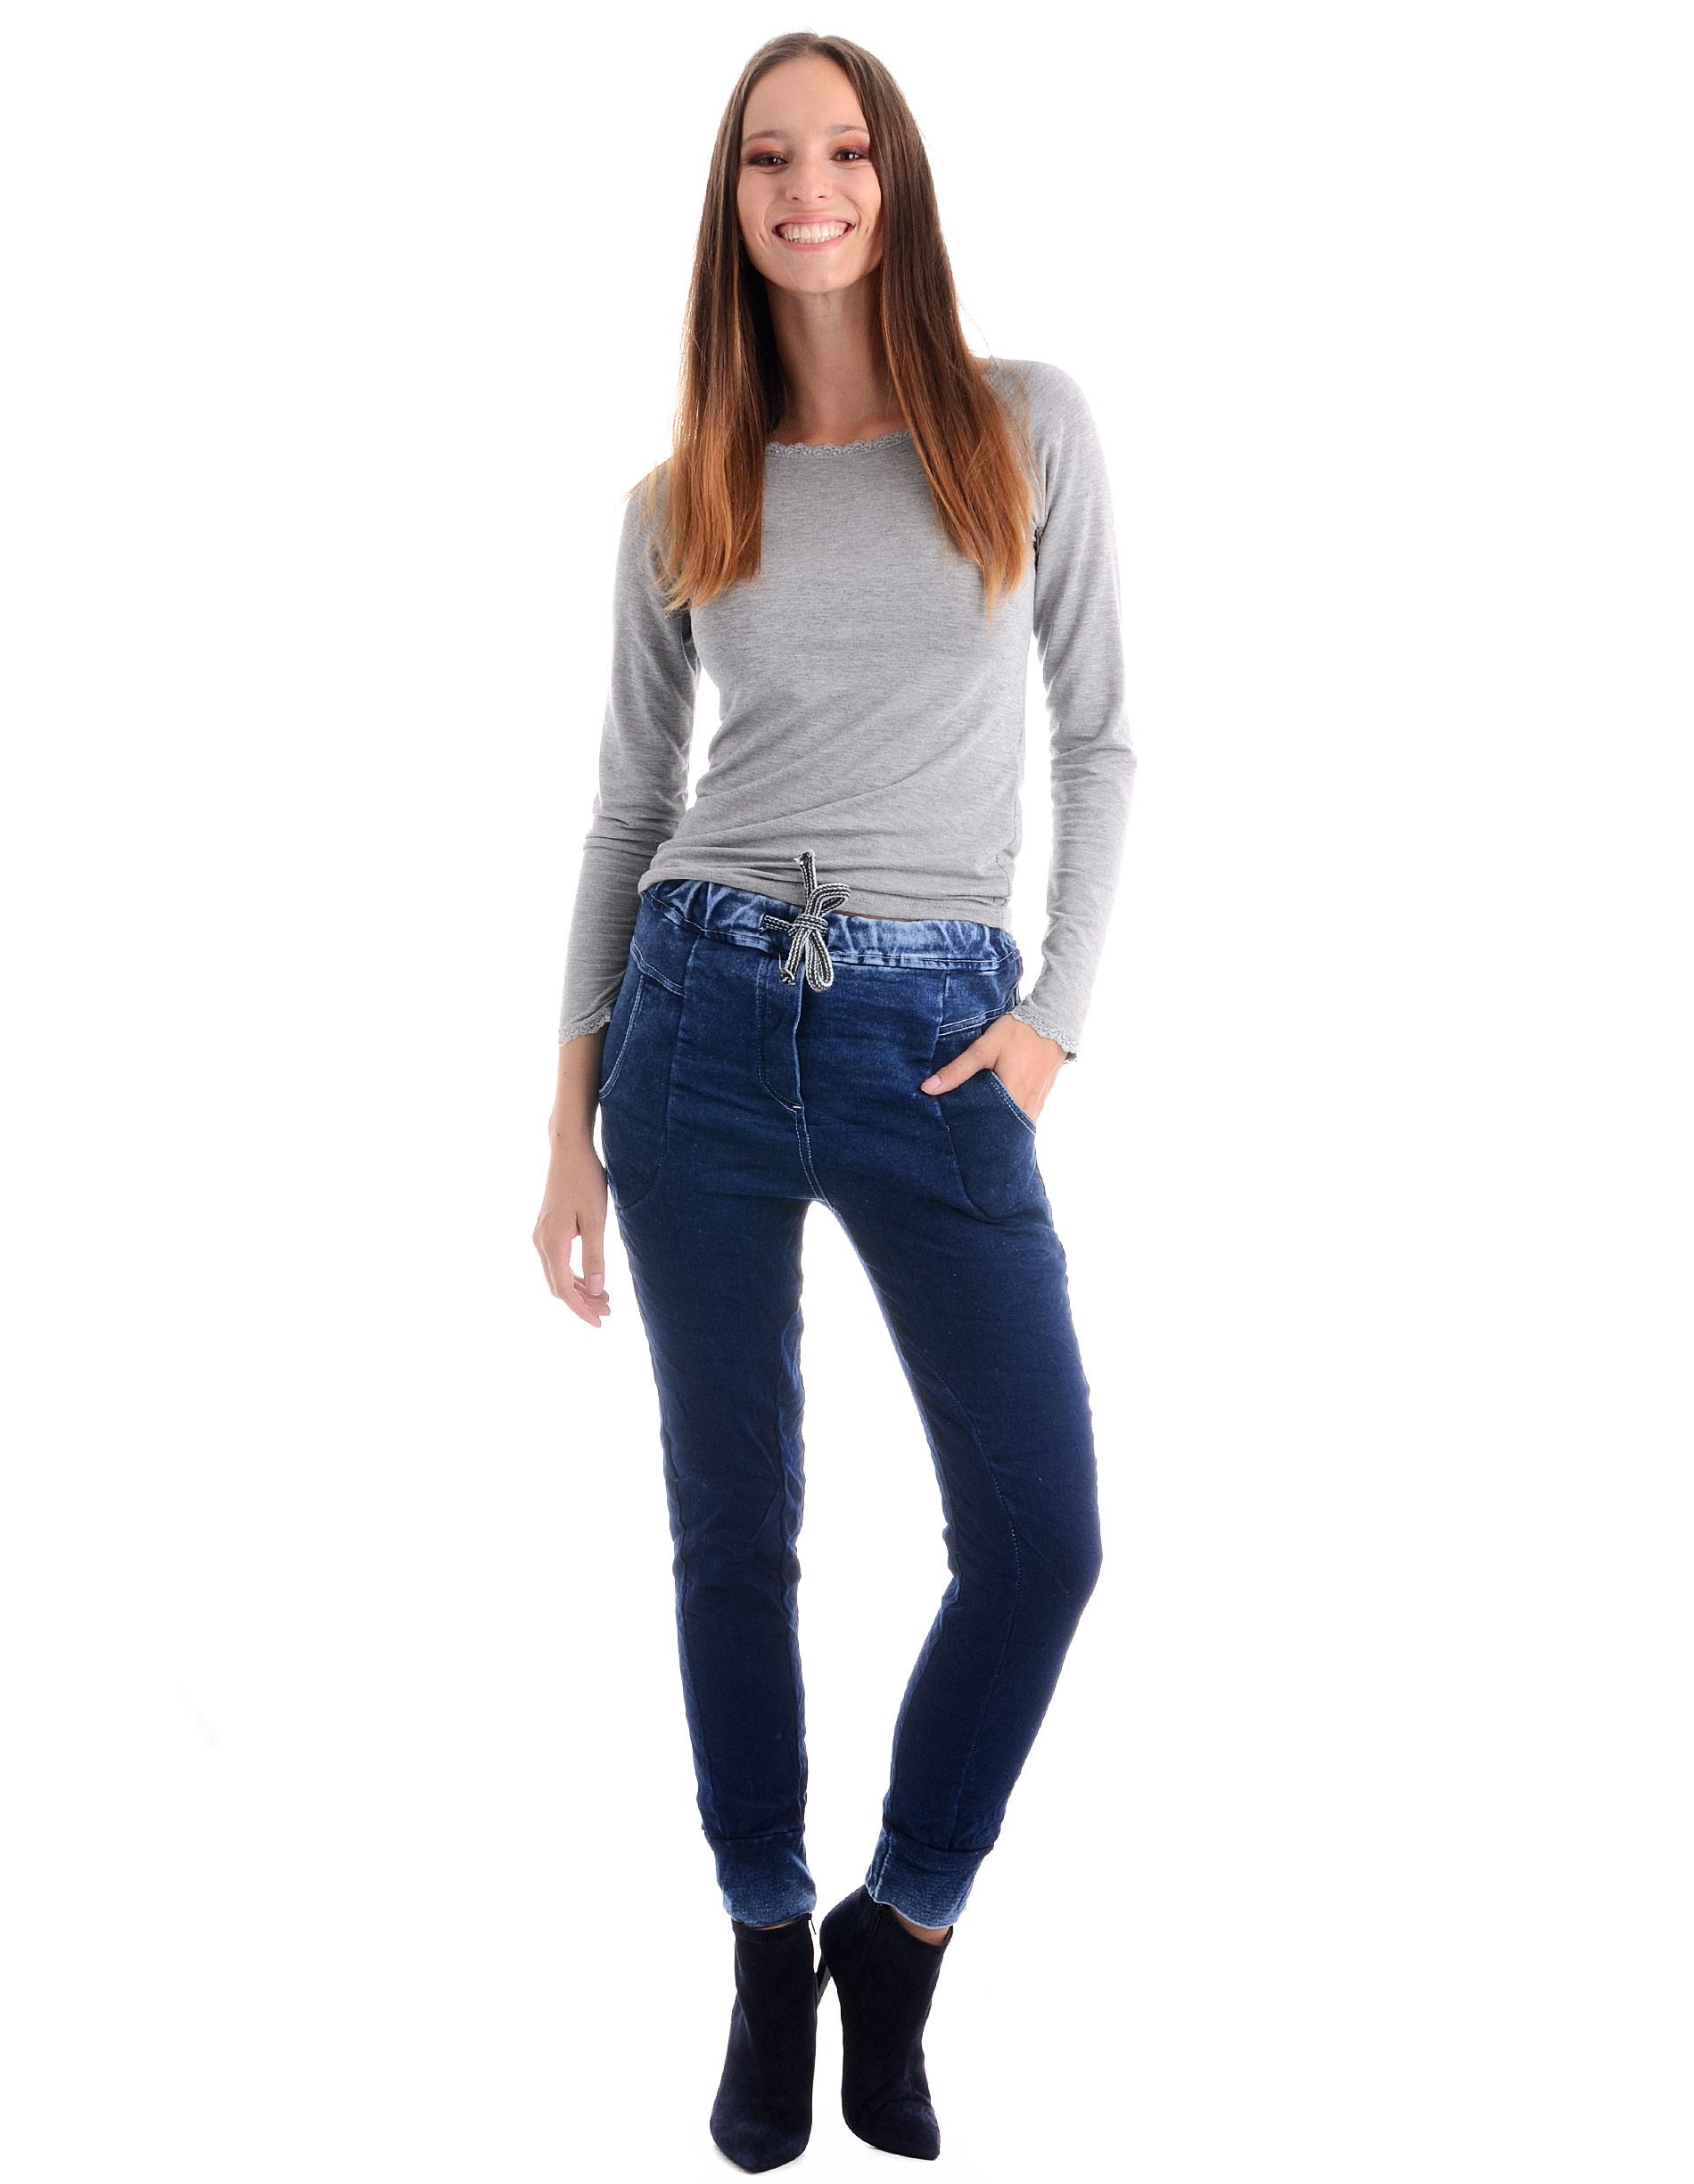 Spodnie - 137-2951 BLU - Unisono